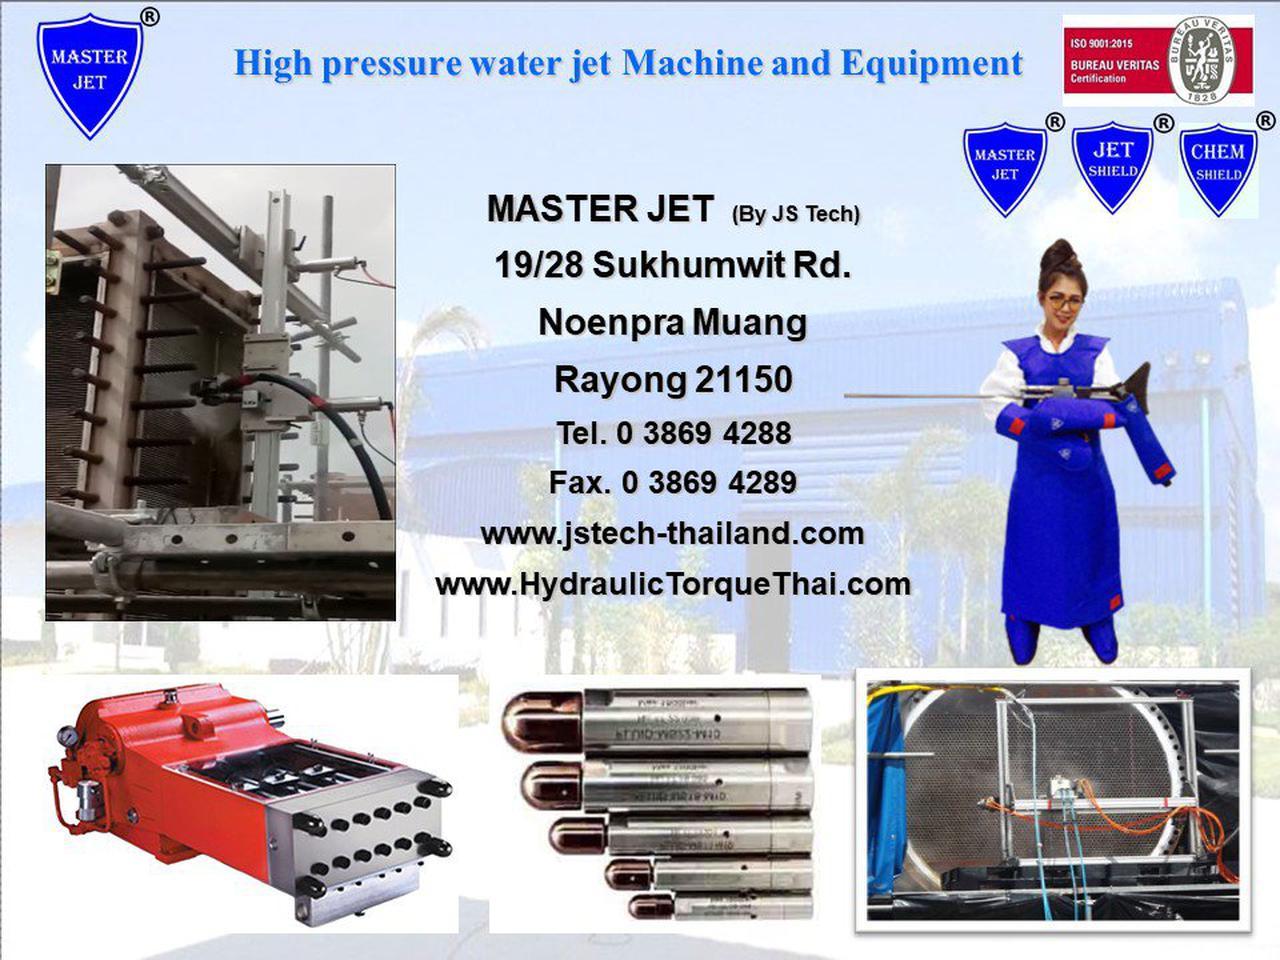 ขาย-ให้เช่า-เซอร์วิส อุปกรณ์เครื่องฉีดน้ำแรงดันสูง รูปที่ 3